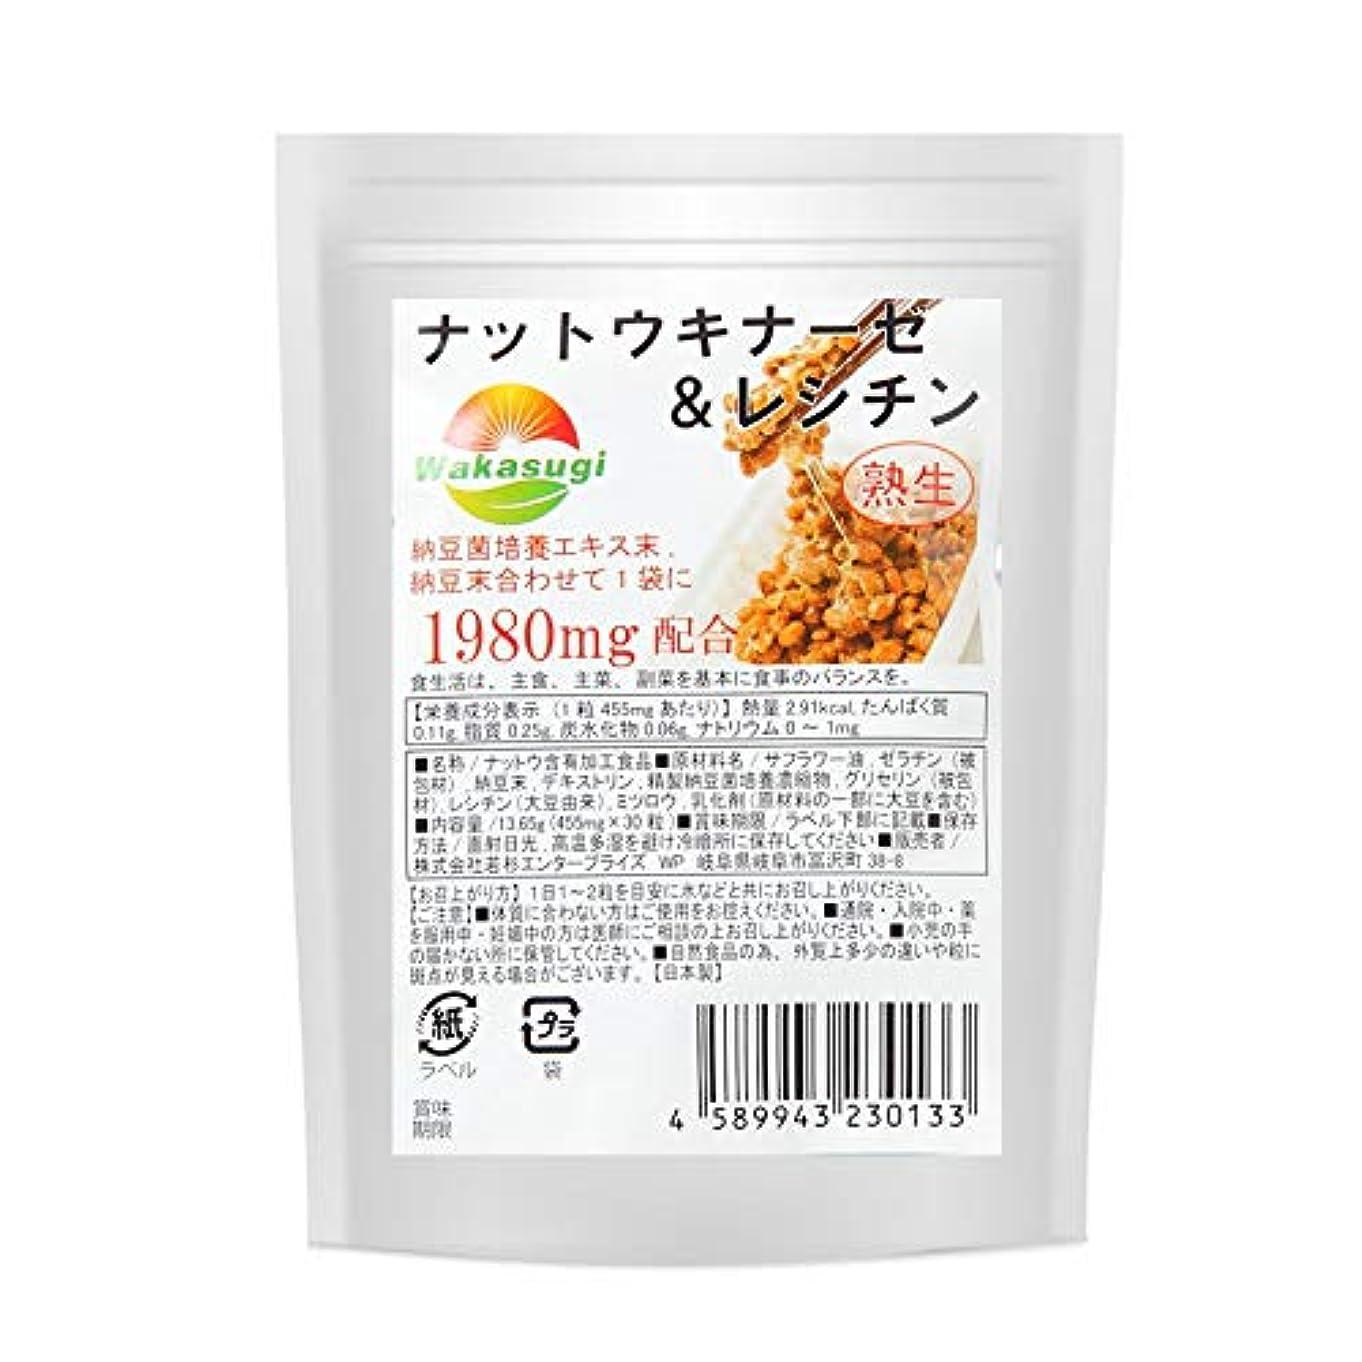 相関する貫通する傾く超熟 納豆サプリメント 30粒 生ナットウキナーゼ&レシチン ソフトカプセルタイプ